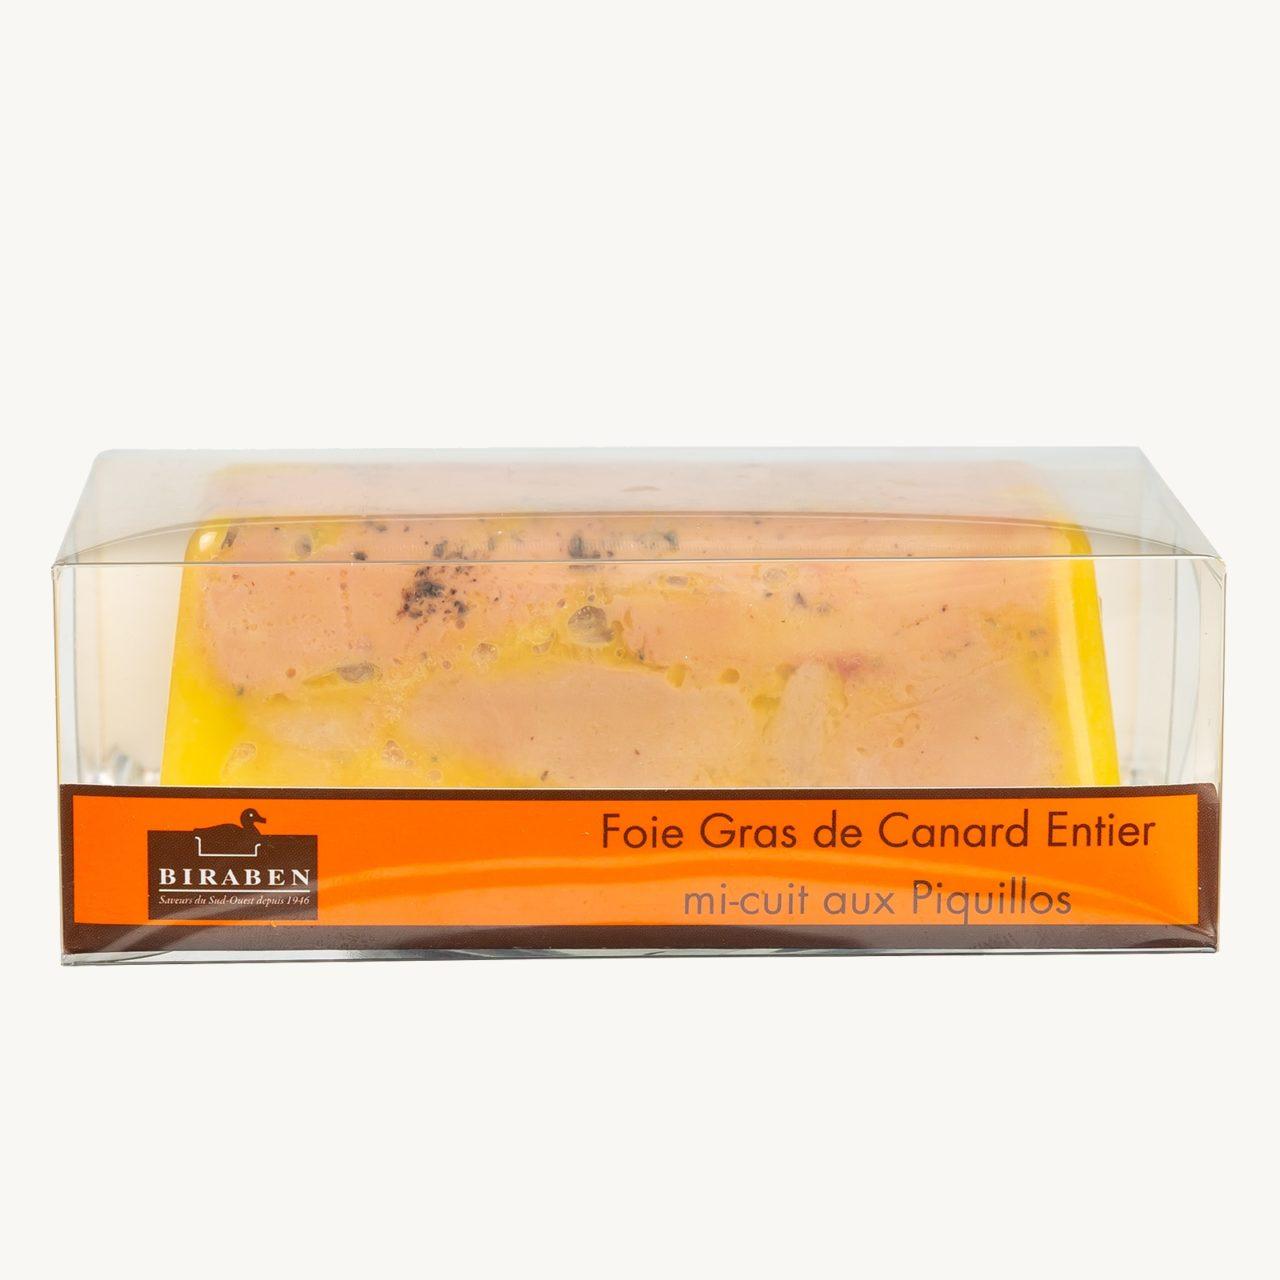 Spécialité de foie gras de canard mi-cuit aux Piquillos